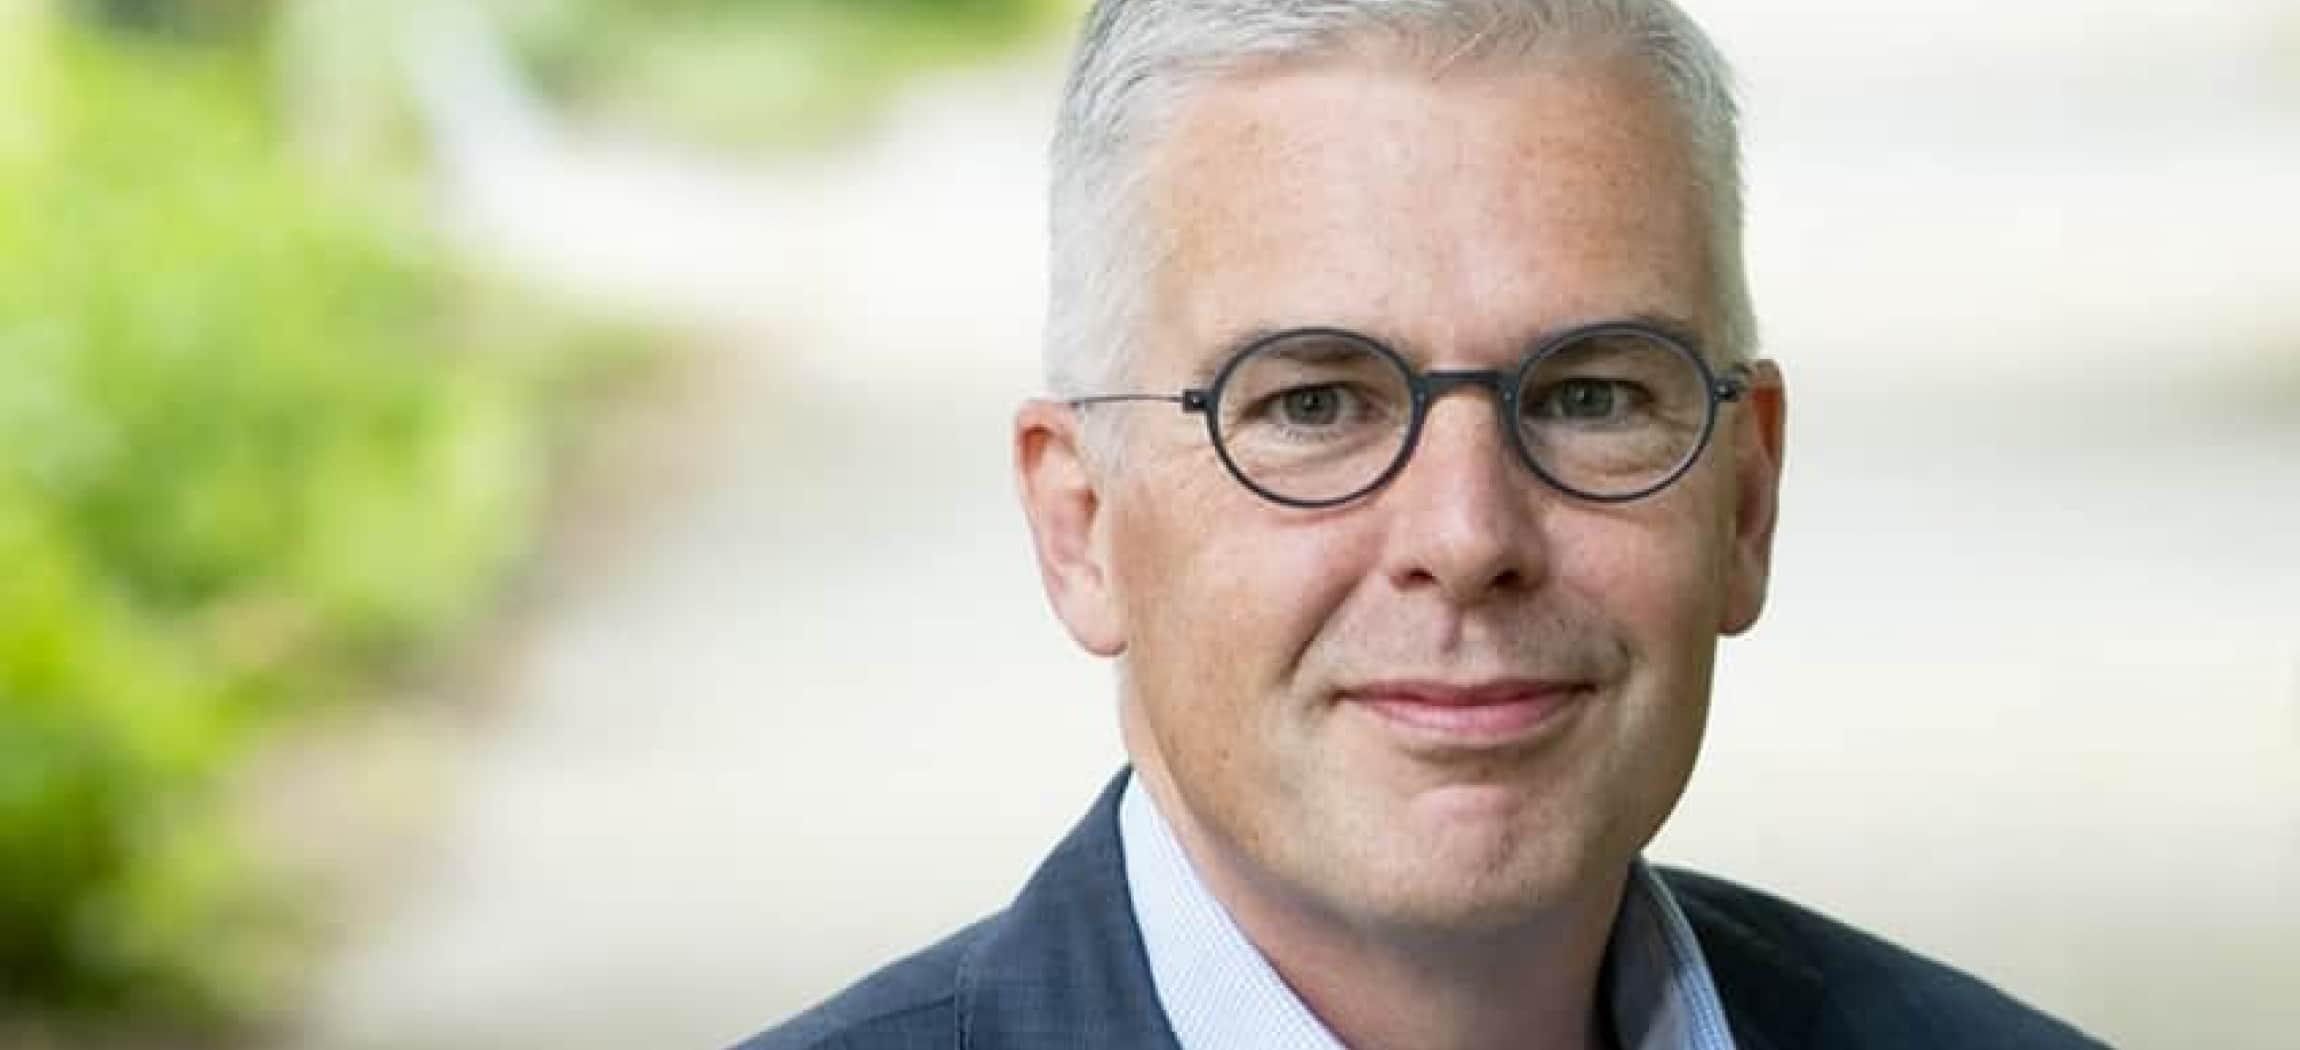 Ivo van der Klei kondigt vertrek aan als bestuurder Amstelring (dec 2019)